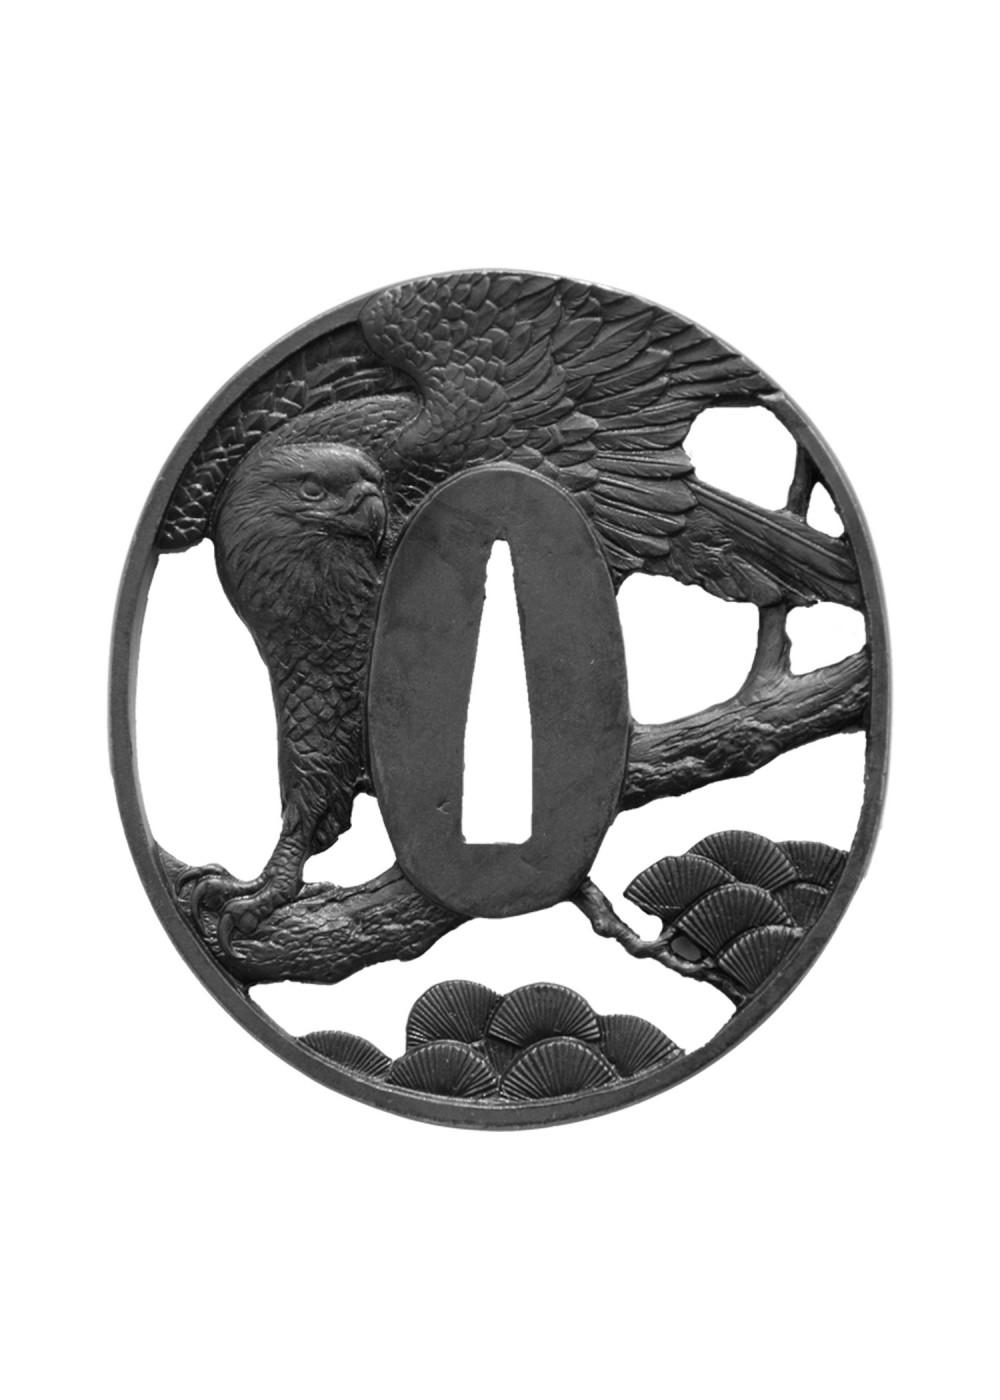 Raptor Katana, Shinogi Zukuri | Nidingbane